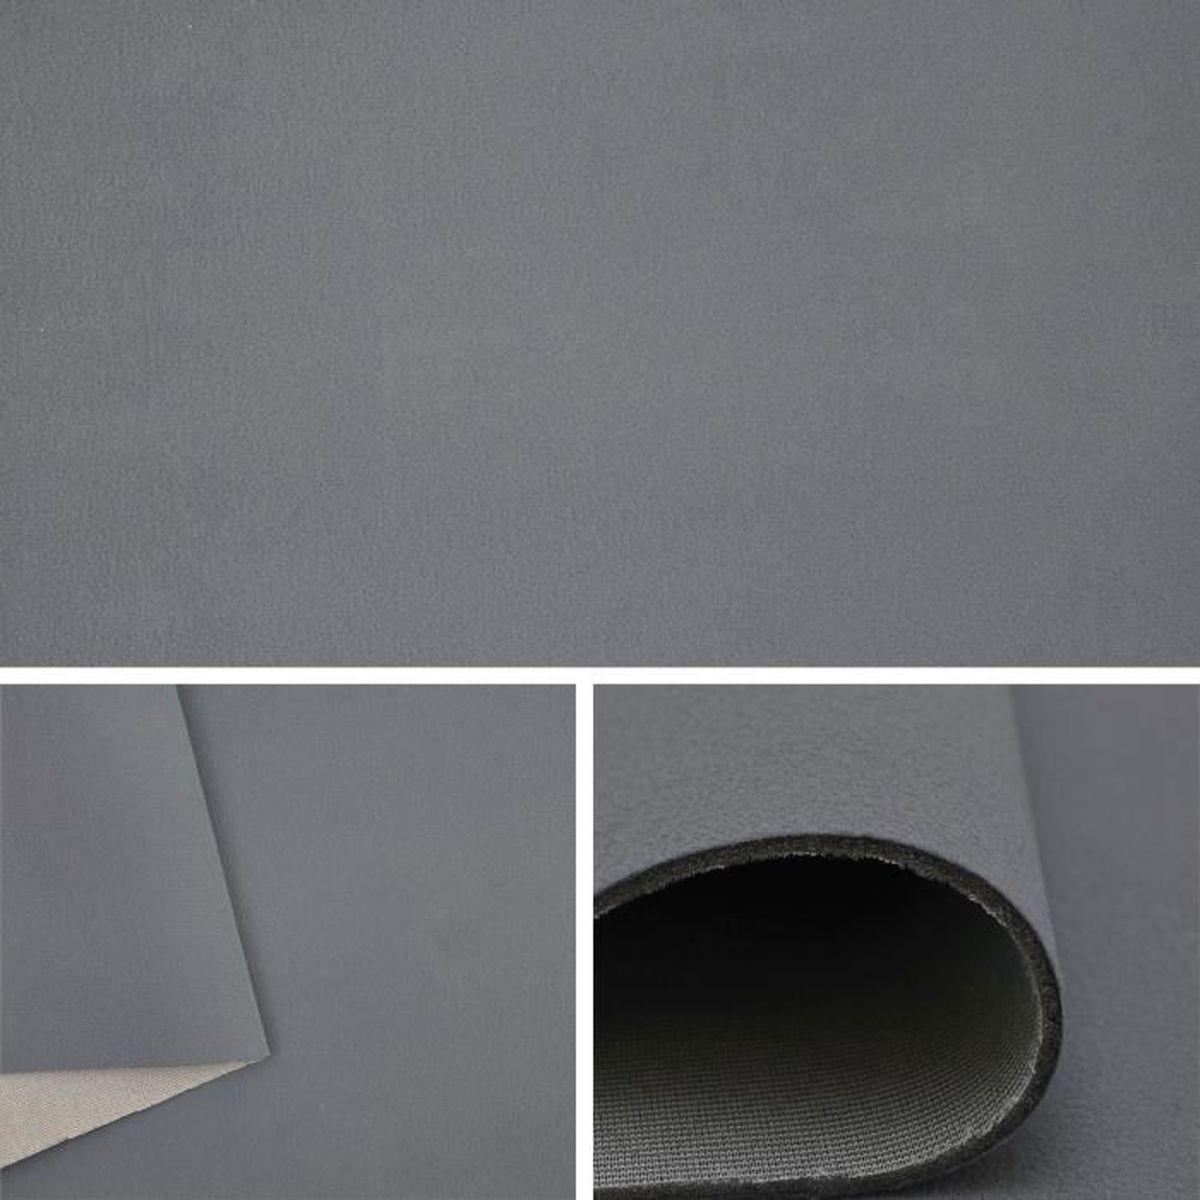 tissu velours couleur bleu-gris - achat / vente voiture tissu